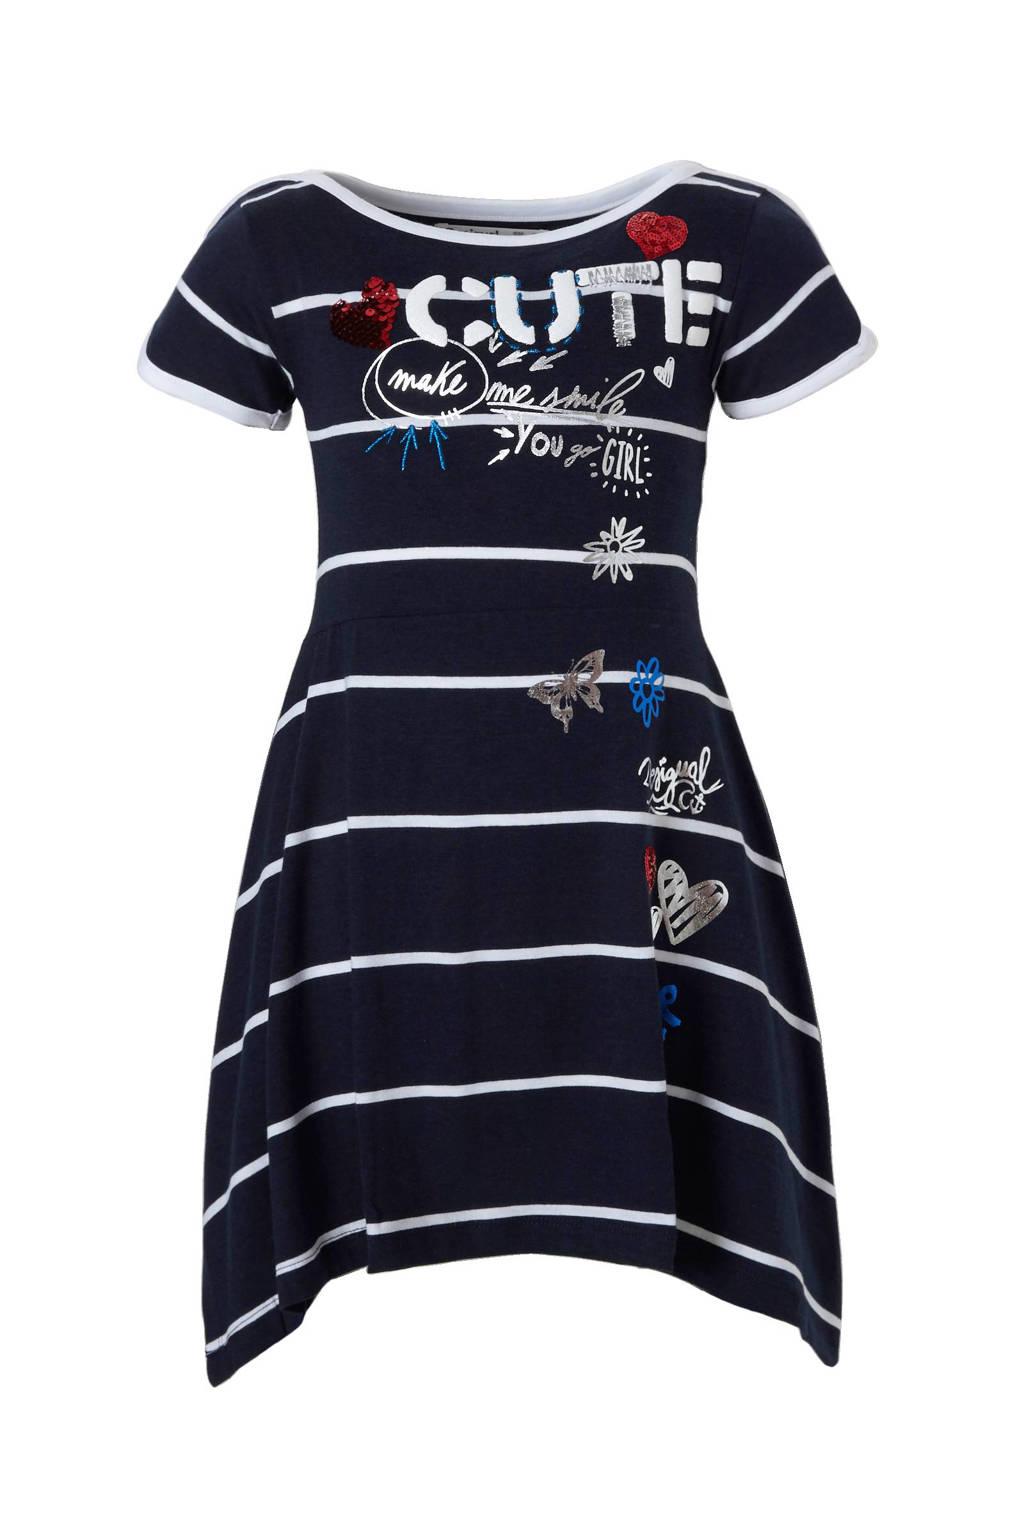 Desigual jurk met reversible pailletten, Donkerblauw/wit/rood/zilver